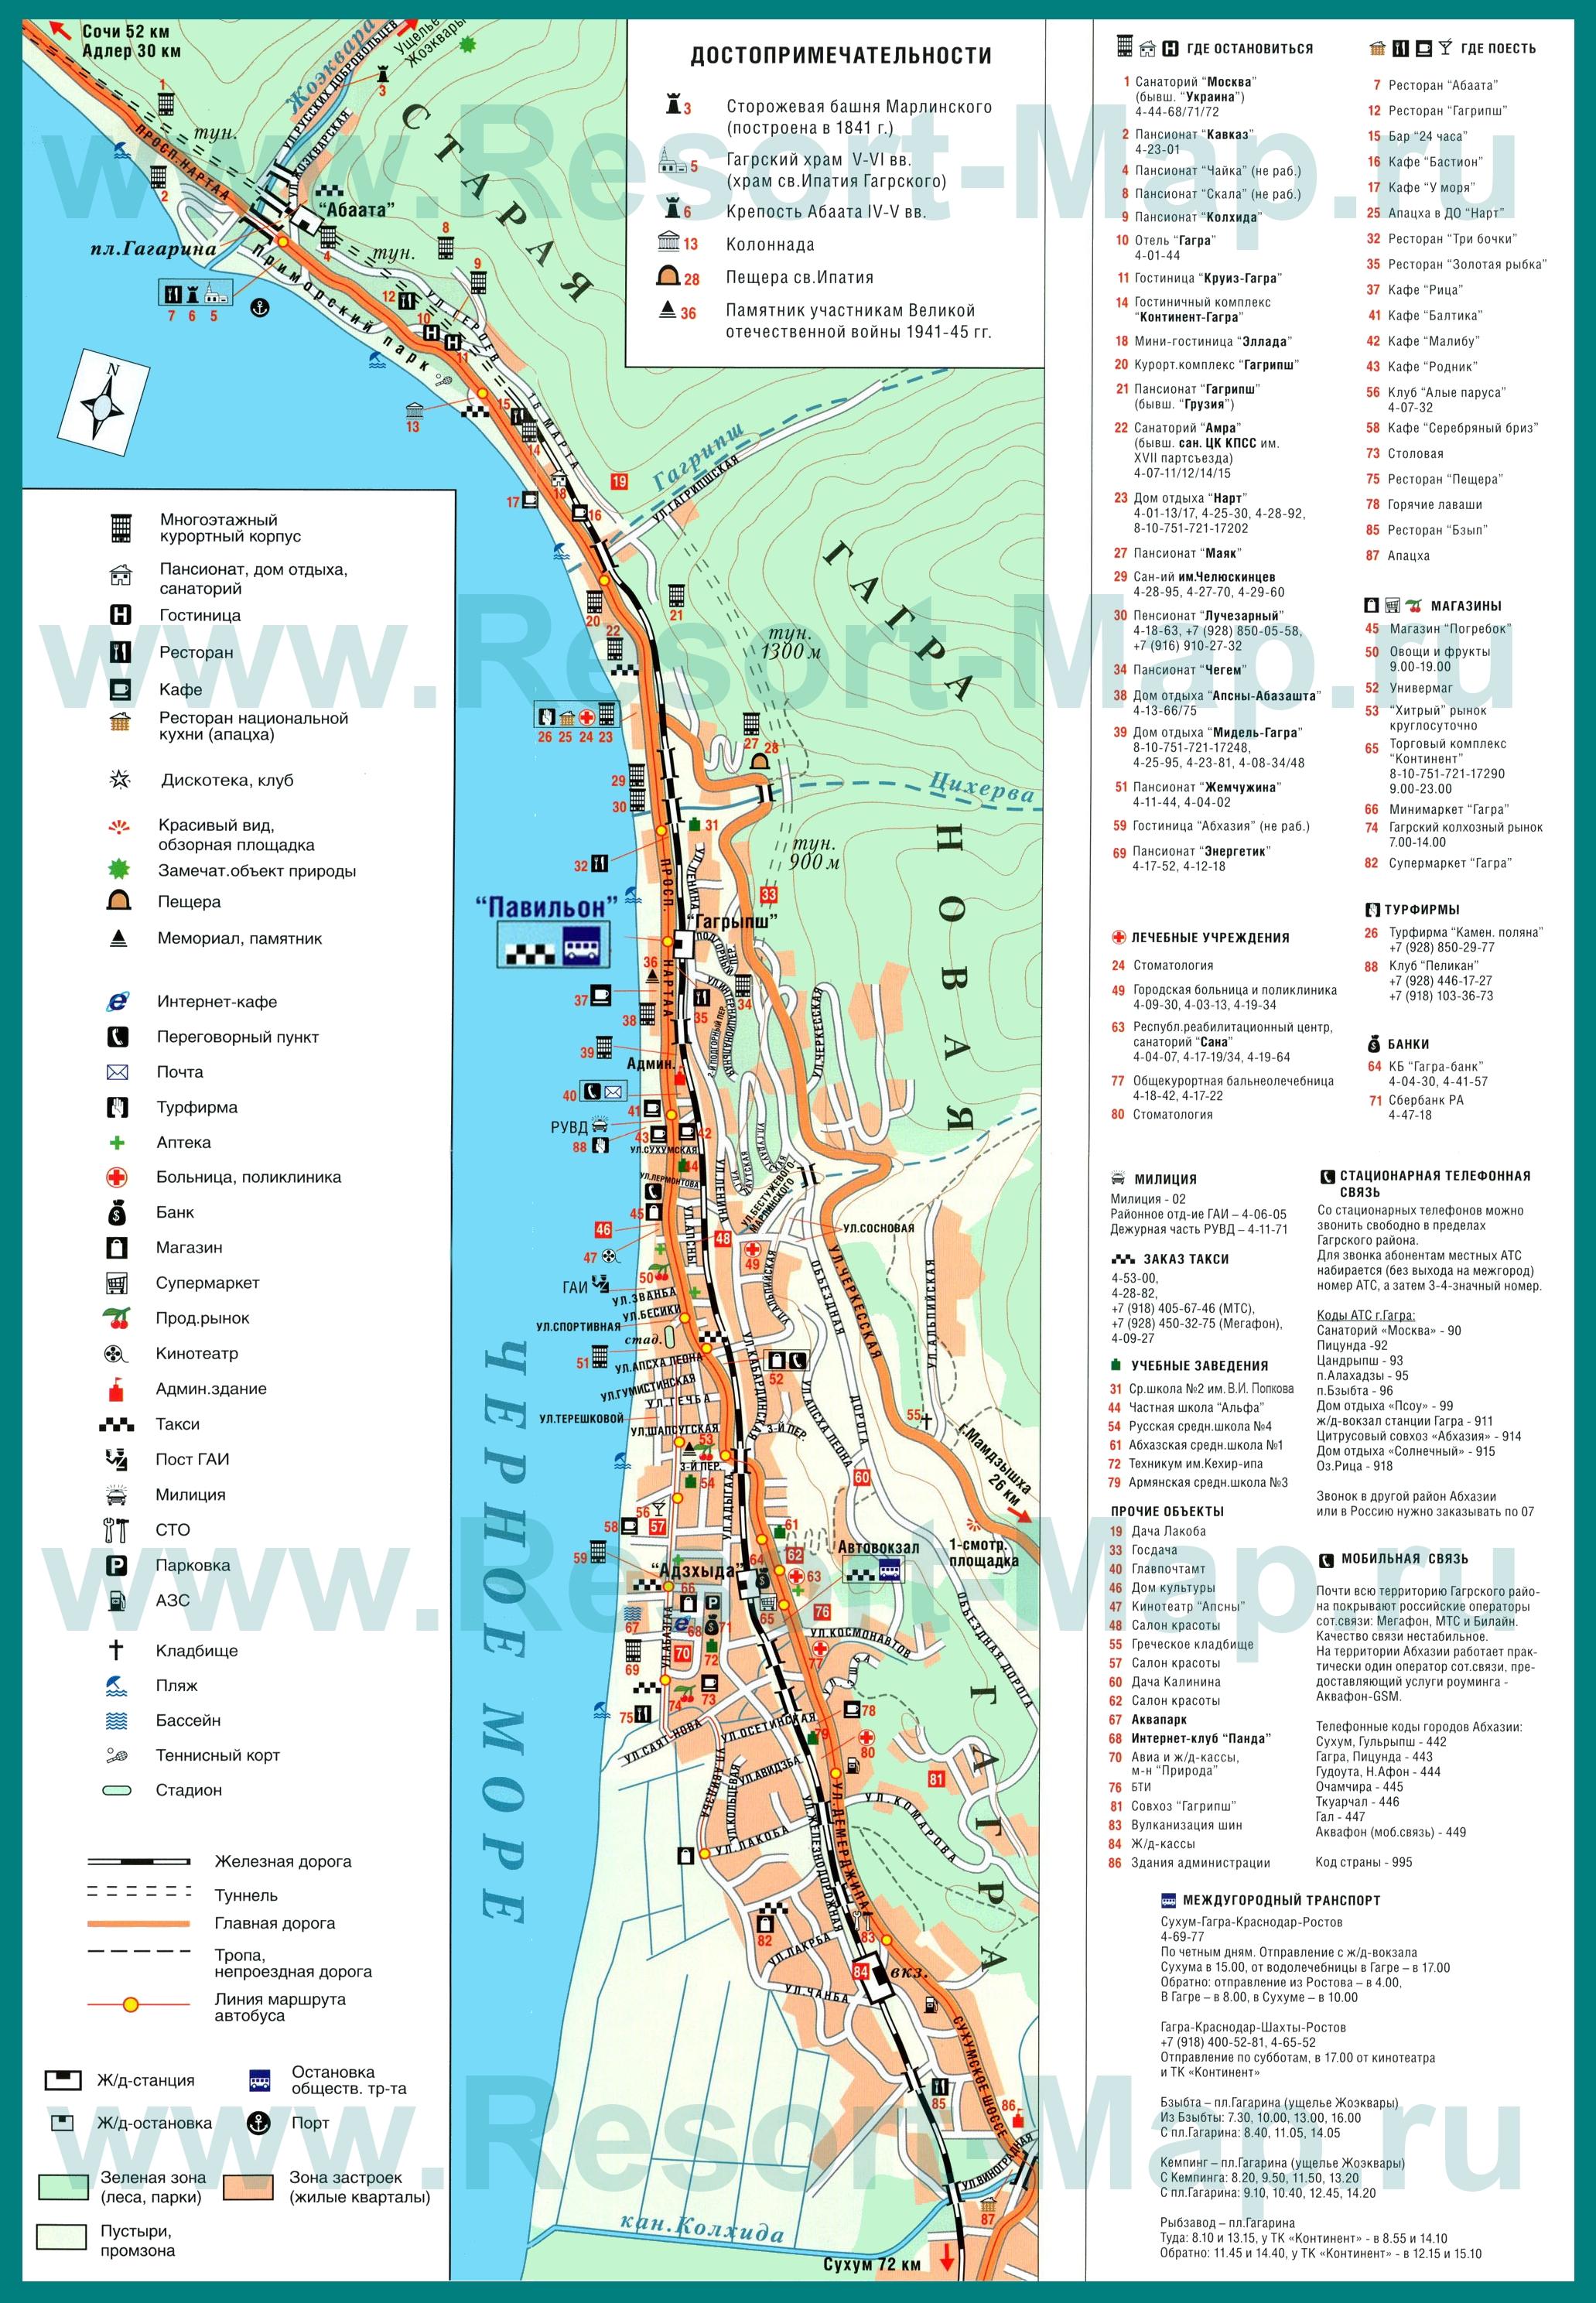 Подробная туристическая карта города